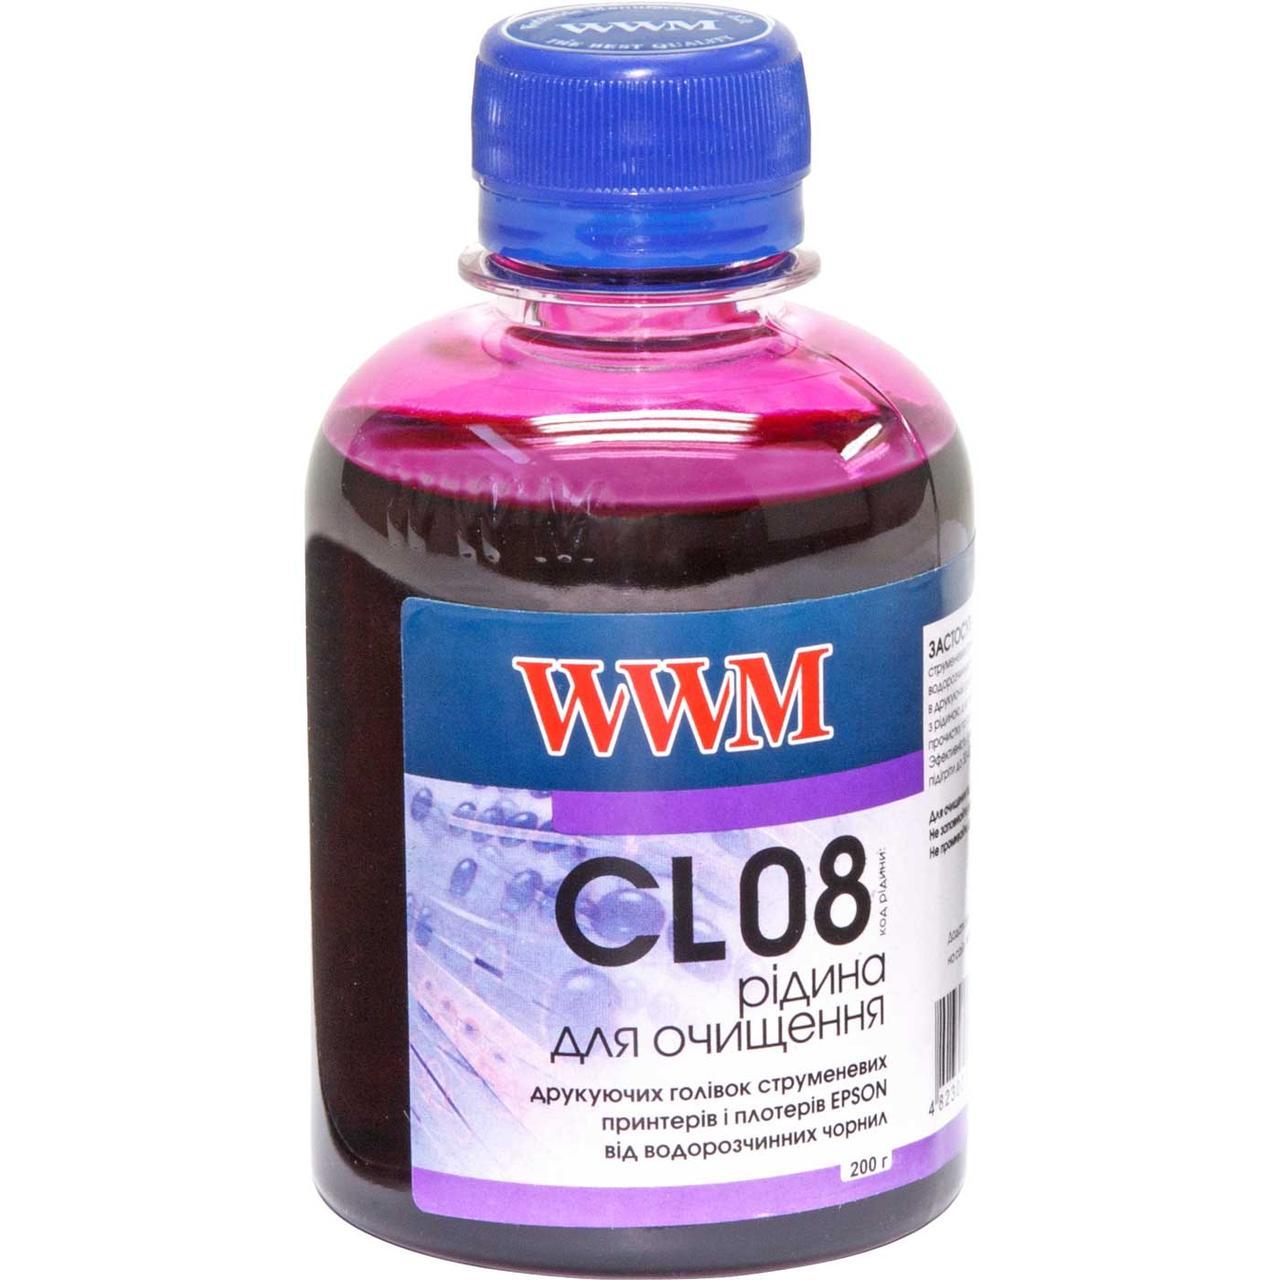 Рідина для очищення CL 08 EPSON водорозч.